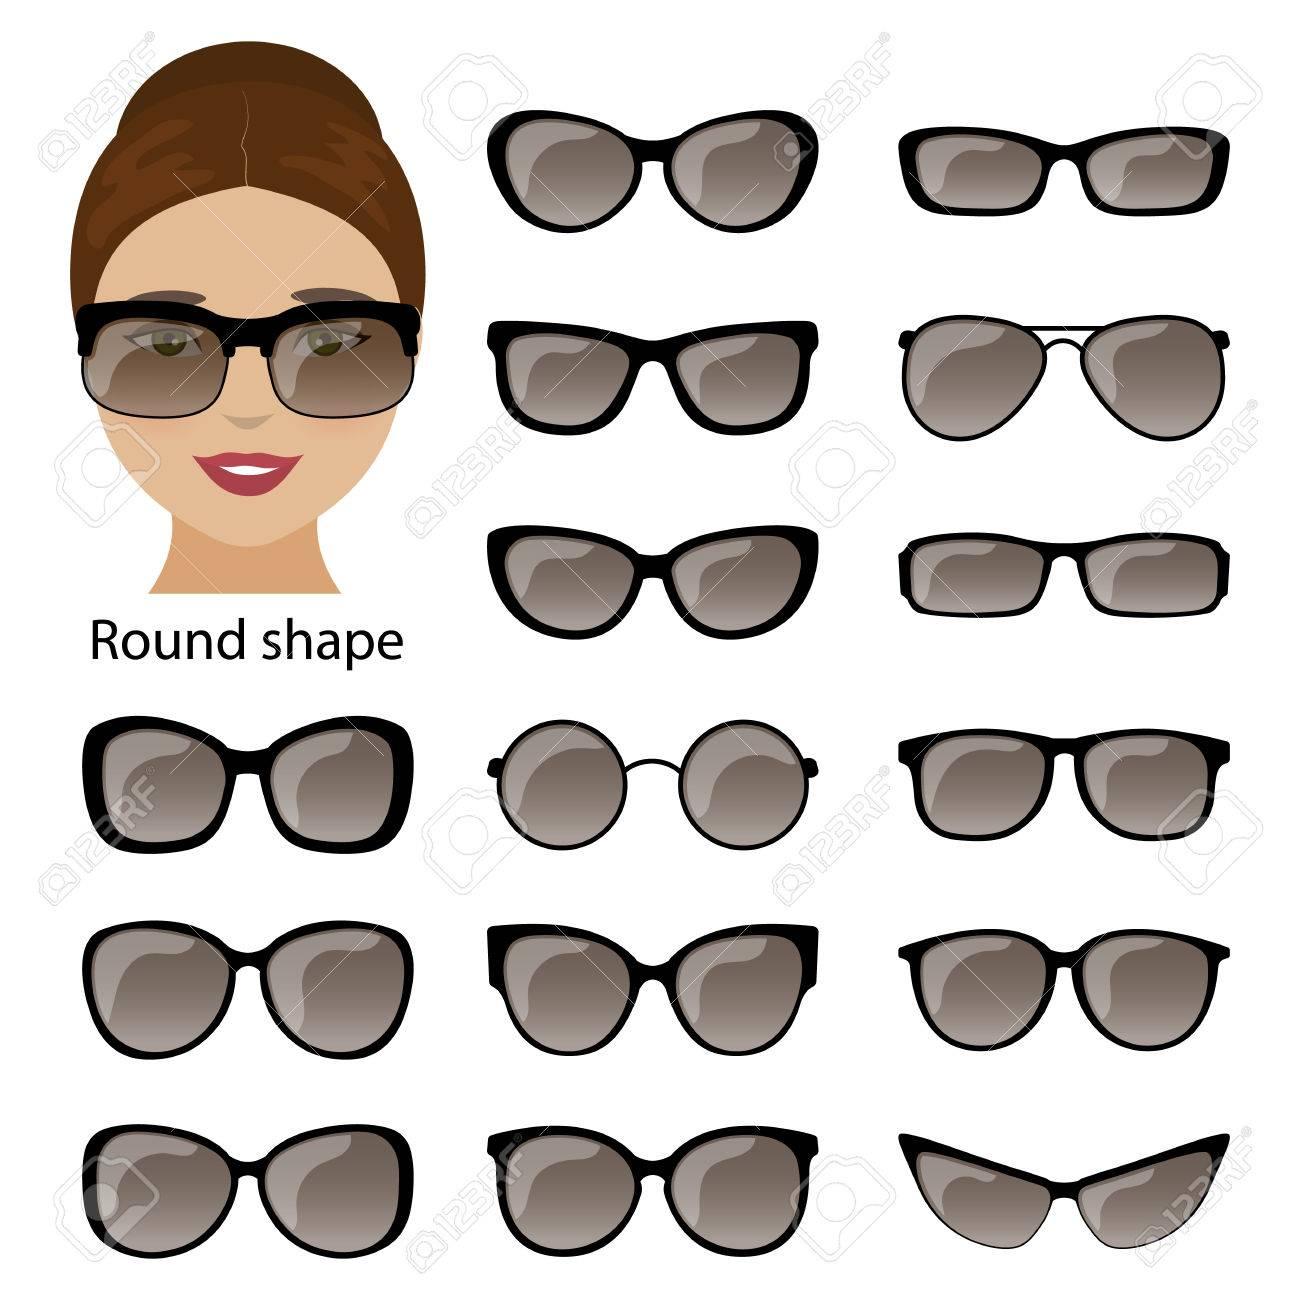 Brillenfassungen Für Runde Frauen Gesicht. Vektor Lizenzfrei ...